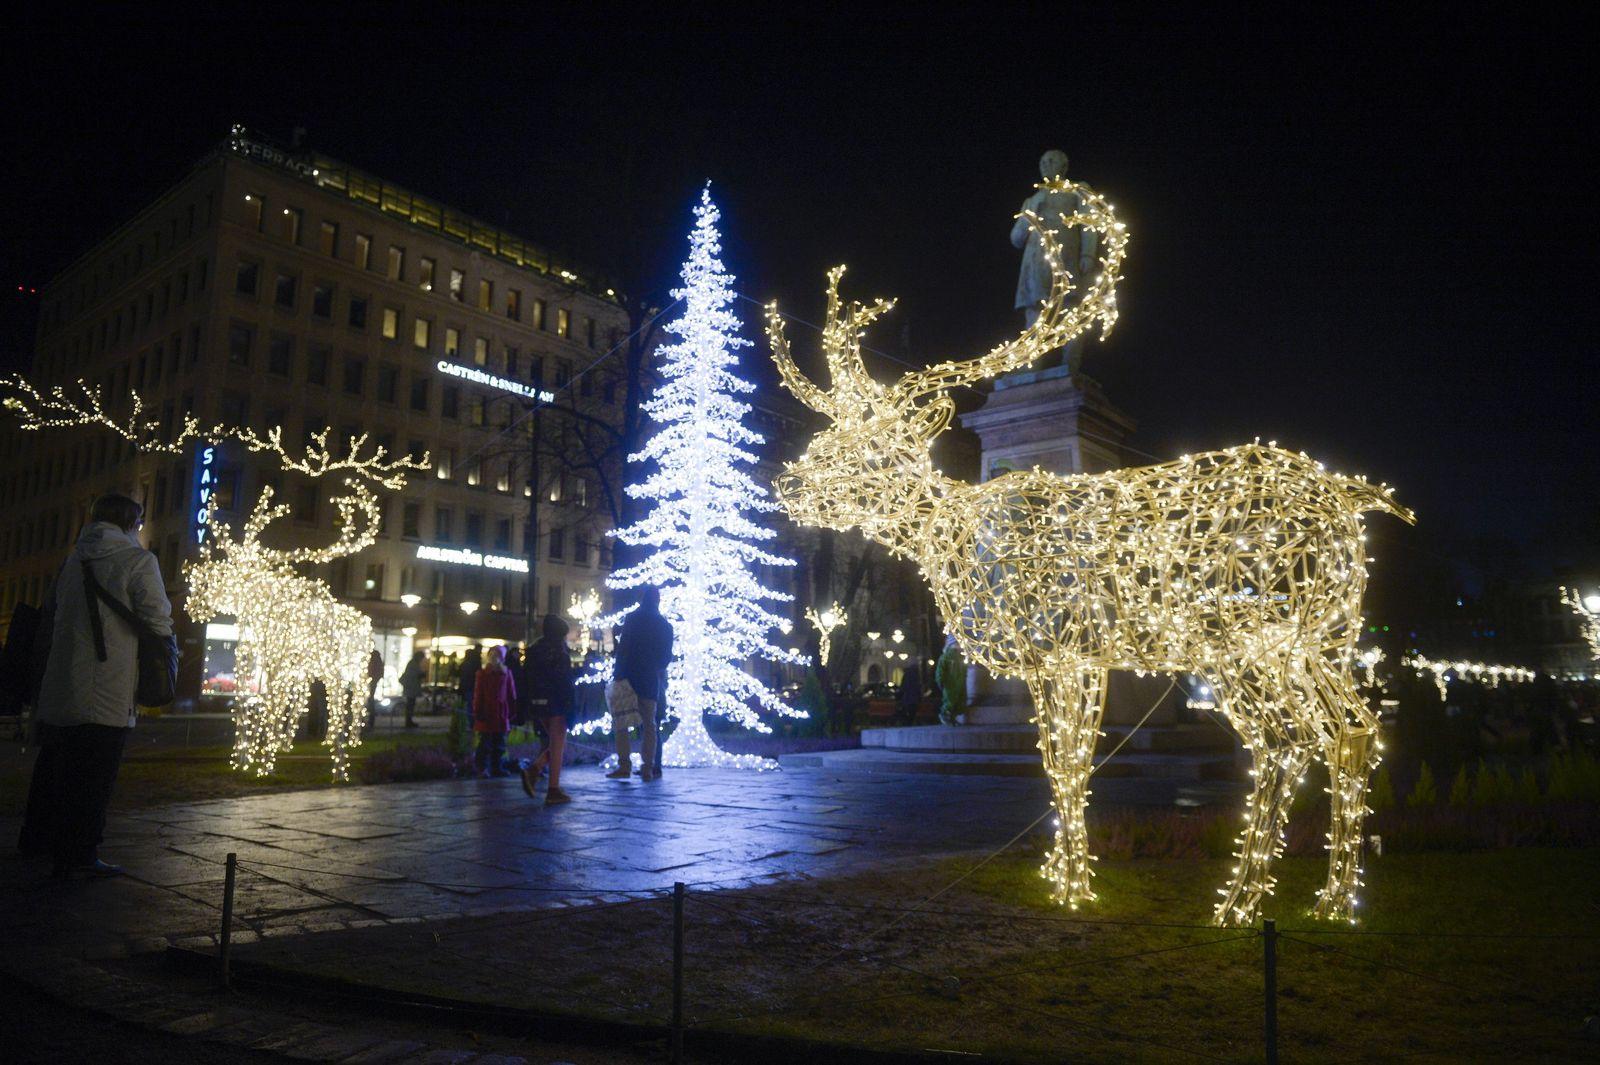 Seasonal illumination in Helsinki